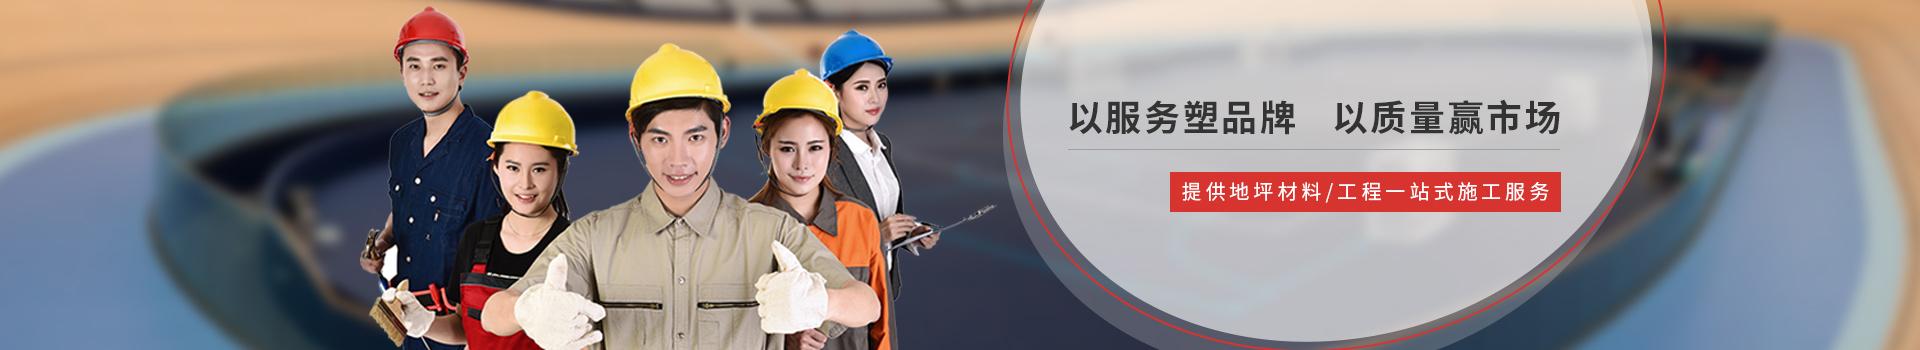 优耐地坪以服务塑品牌,以质量赢市场,提供地坪材料/工程一站式施工服务